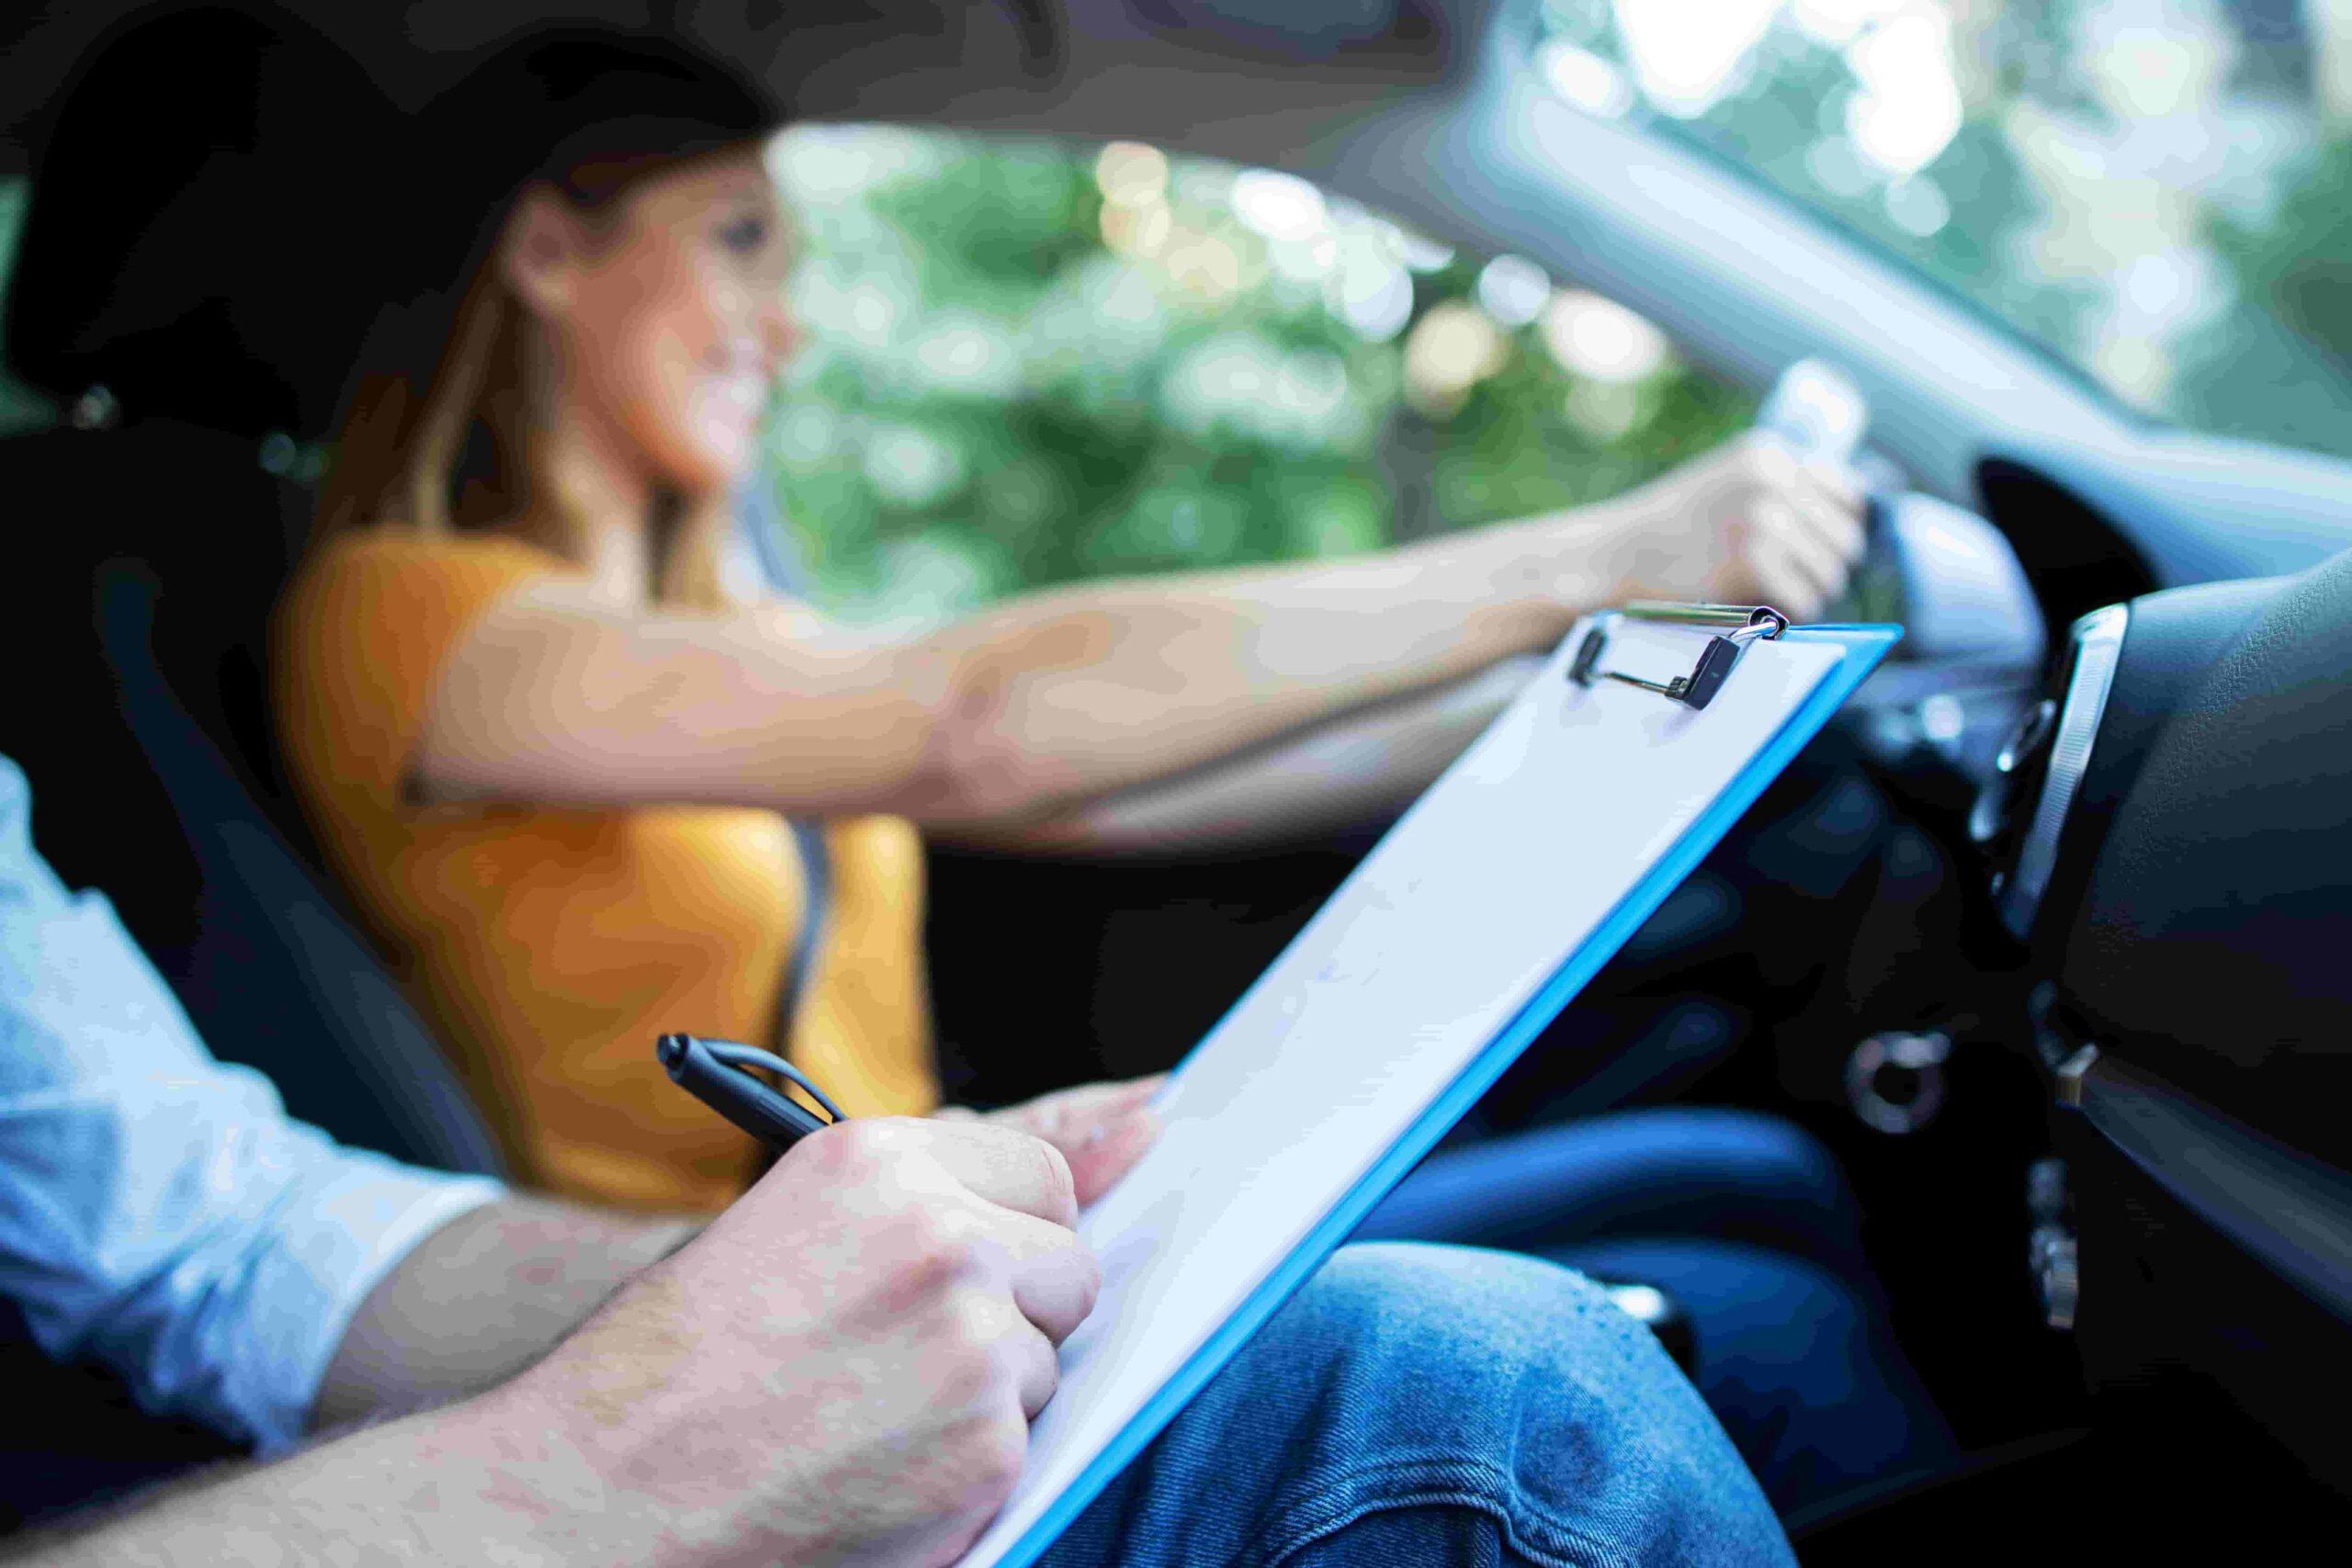 Consejos para aprobar el examen práctico de conducir